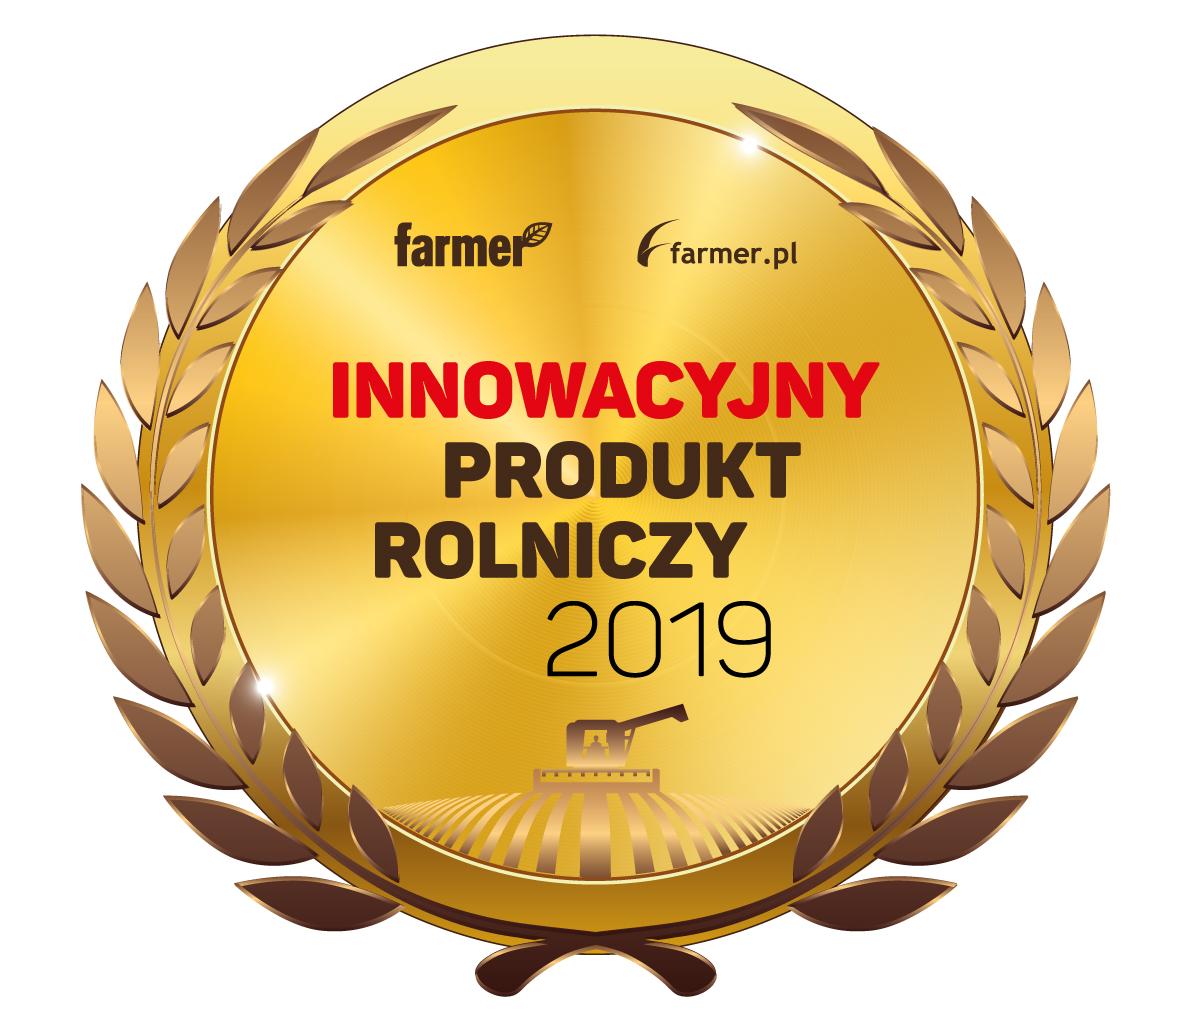 Innowacyjny Produkt Rolniczy 2019